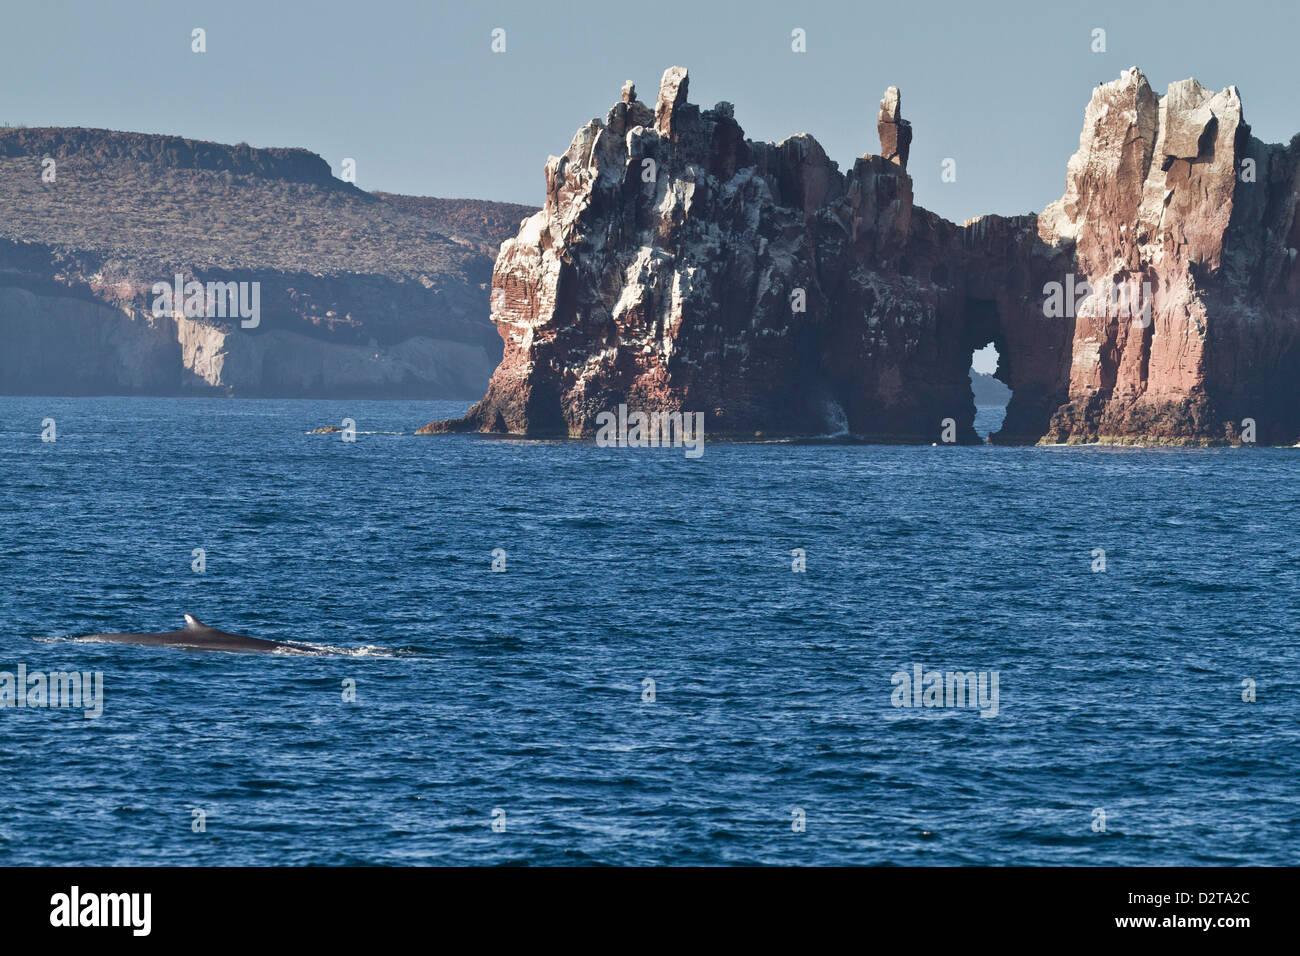 Adulto rorcual común (Balaenoptera physalus), los islotes, el Golfo de California (Mar de Cortés), Baja California Sur, México Foto de stock